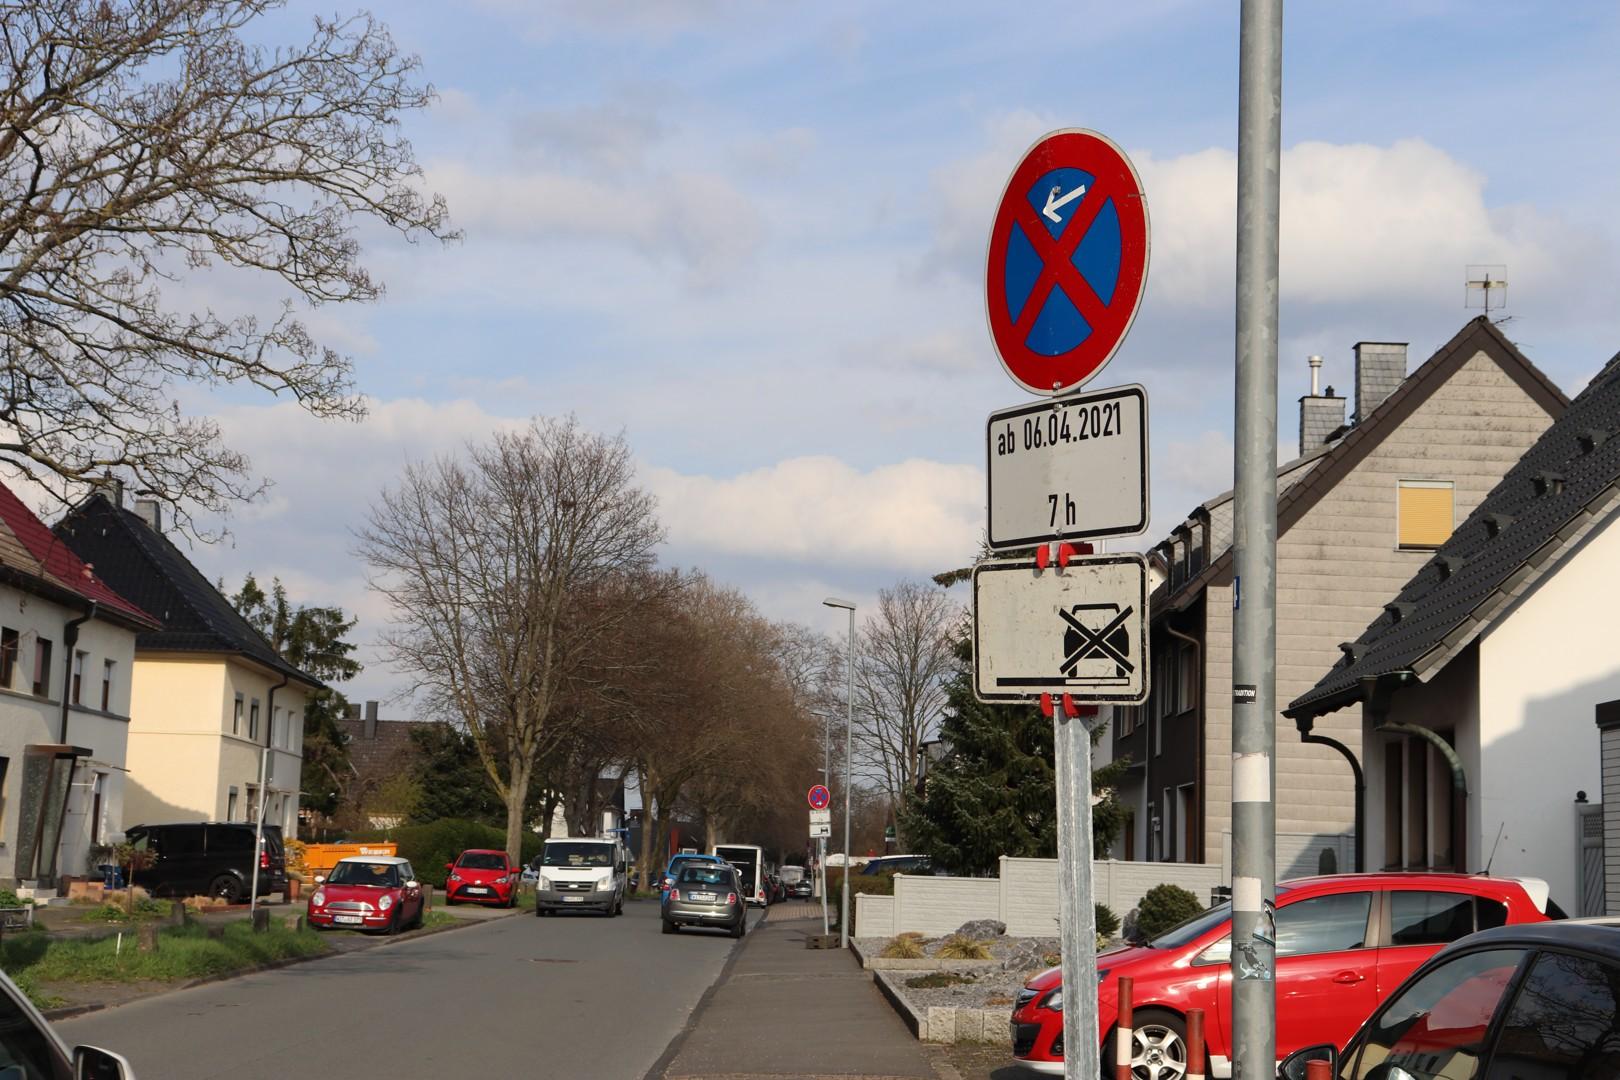 Halteverbot in Witten